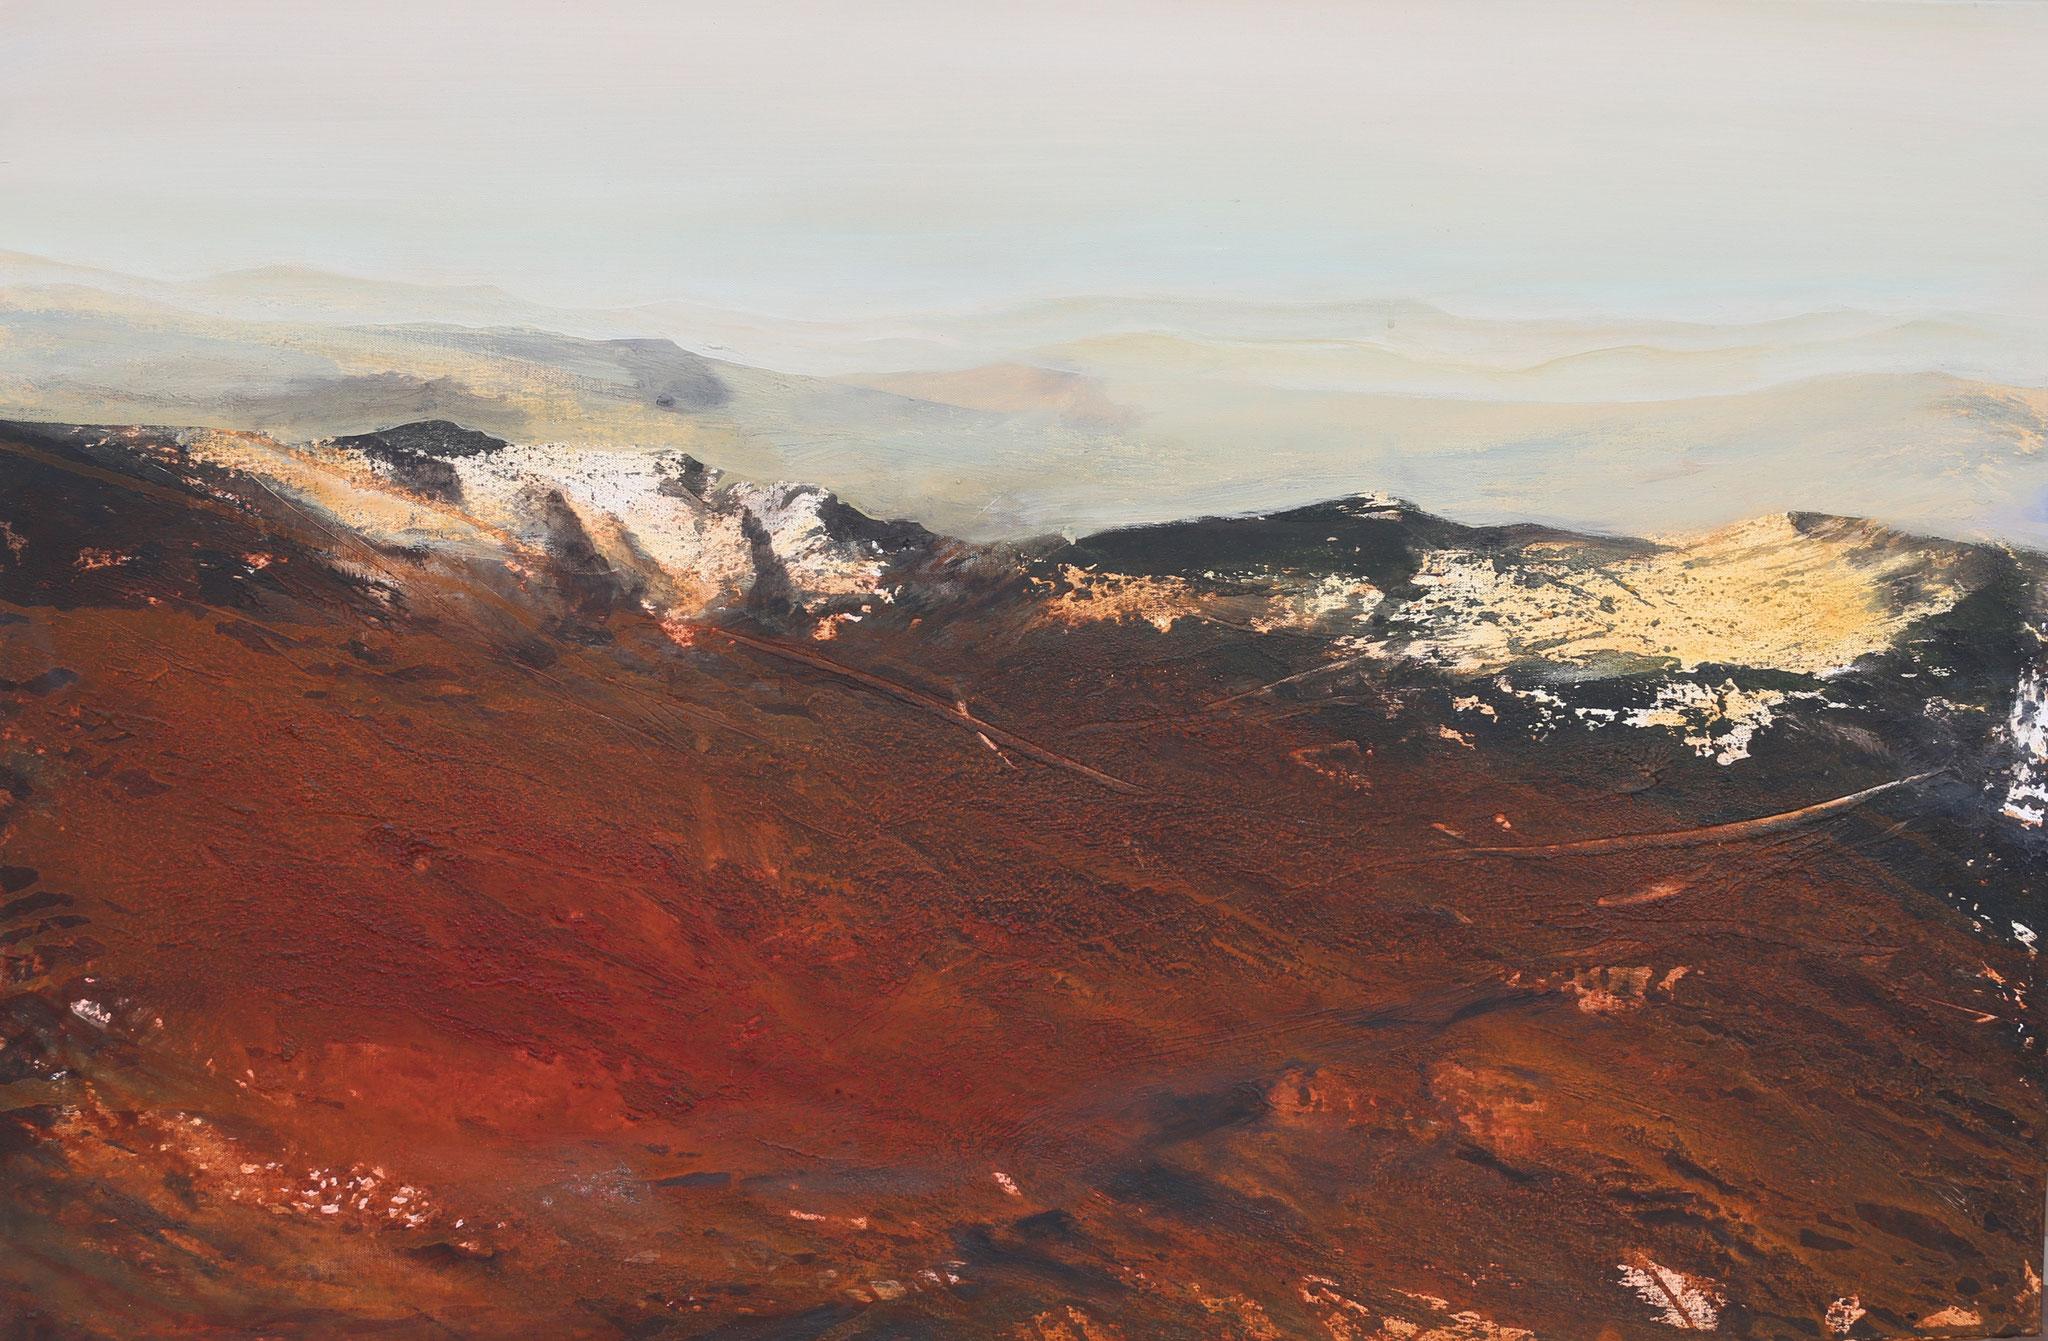 Abendlicht in den Bergen, Mischtechnik, 80 x 120 cm